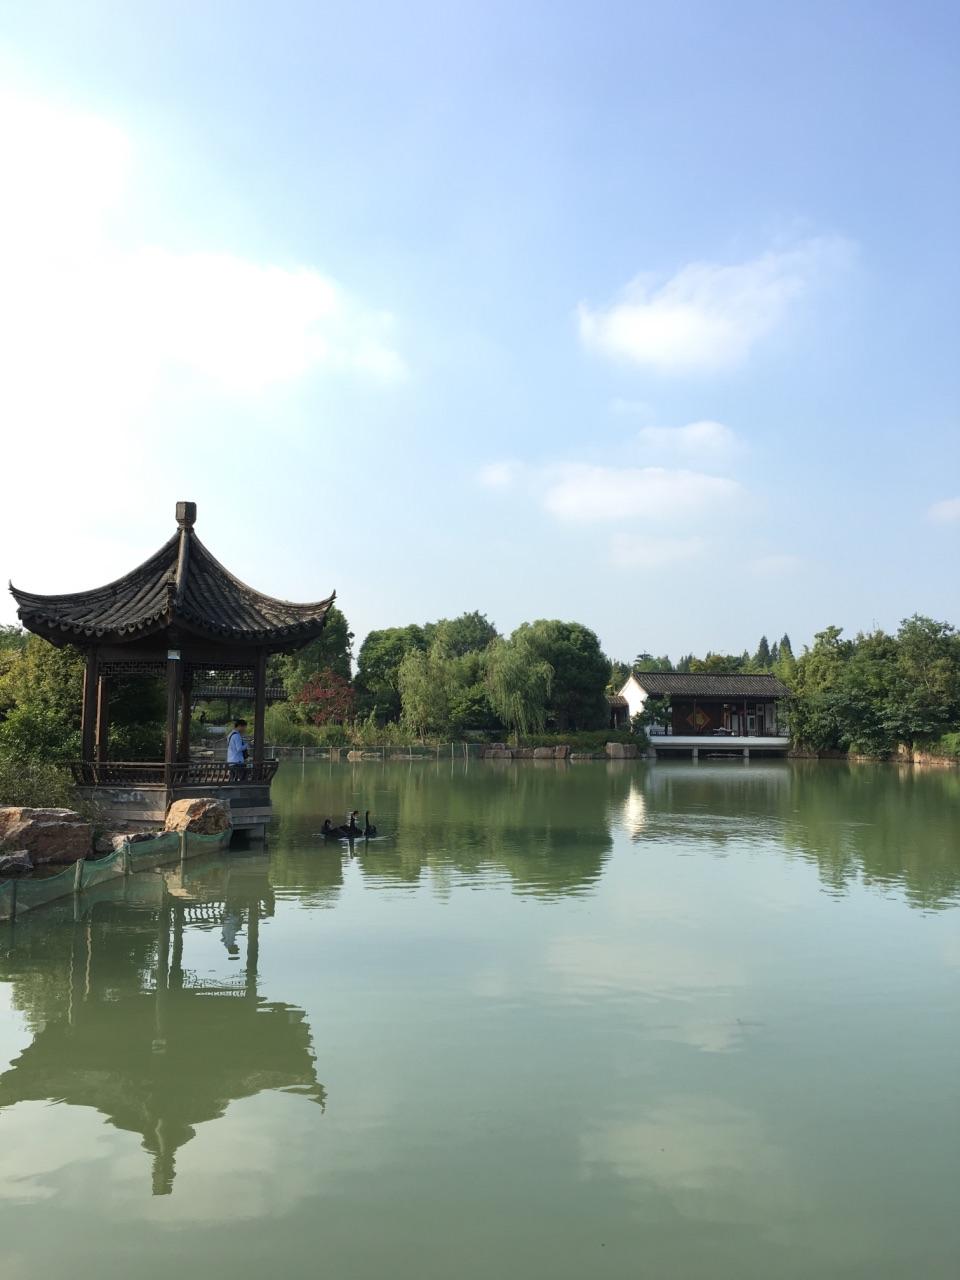 【携程攻略】常熟尚湖风景区好玩吗,常熟尚湖风景区样